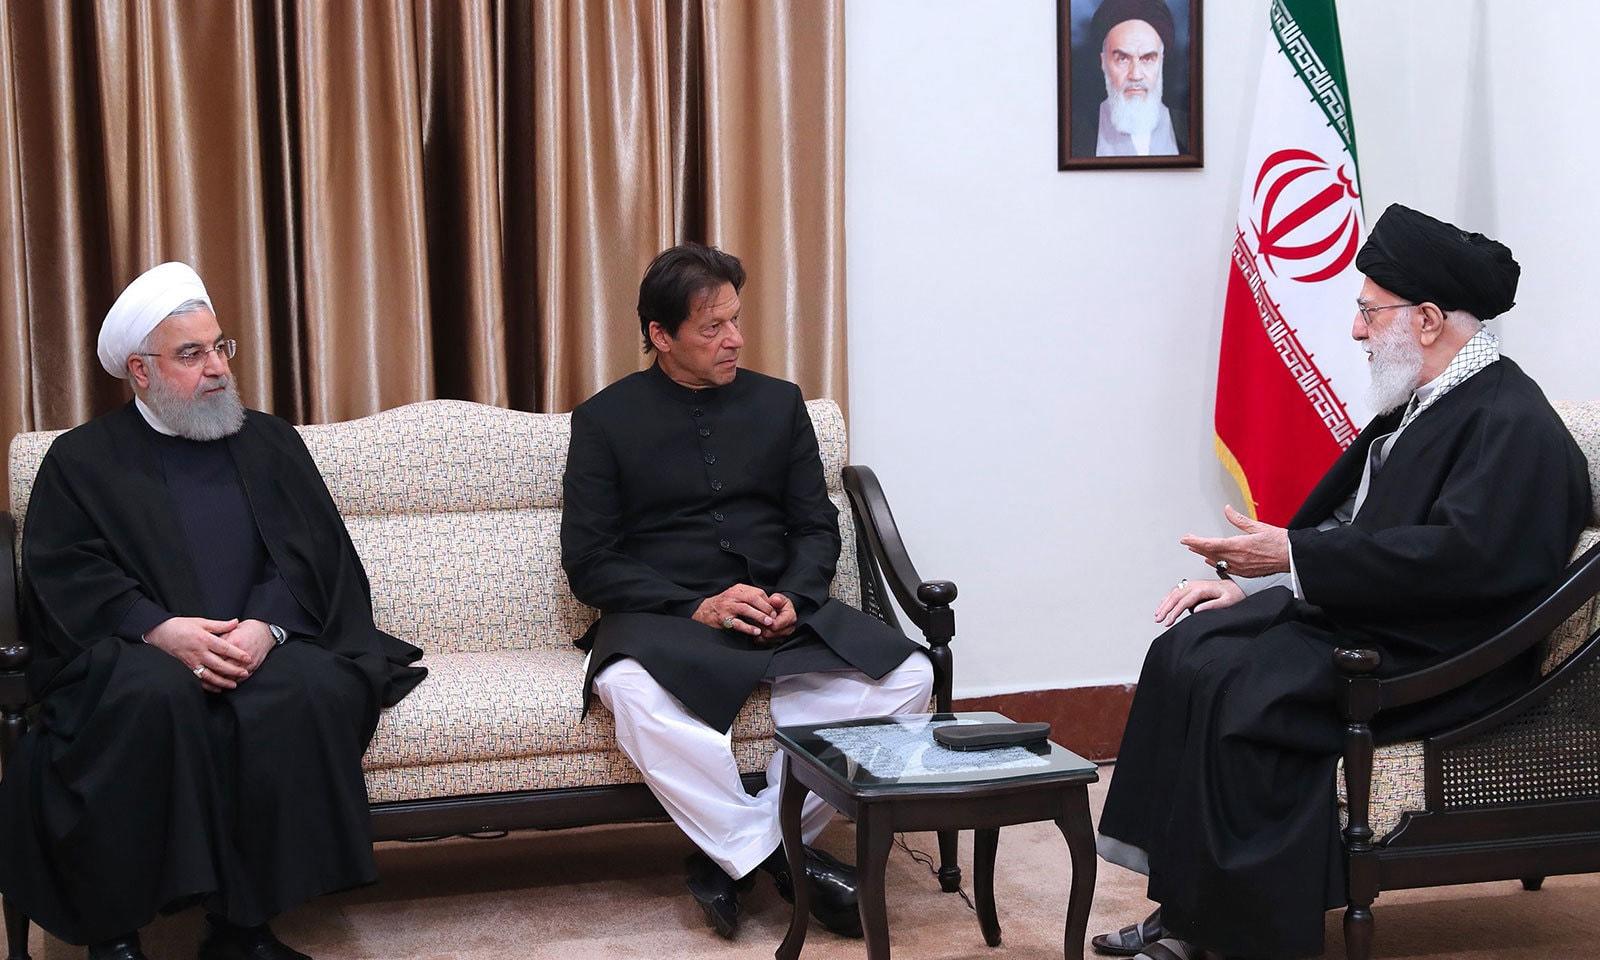 سپریم لیڈر آیت اللہ علی خامنہ ای سے ملاقات کےدوران ایرانی صدر بھی موجود تھے—فوٹو: اے ایف پی